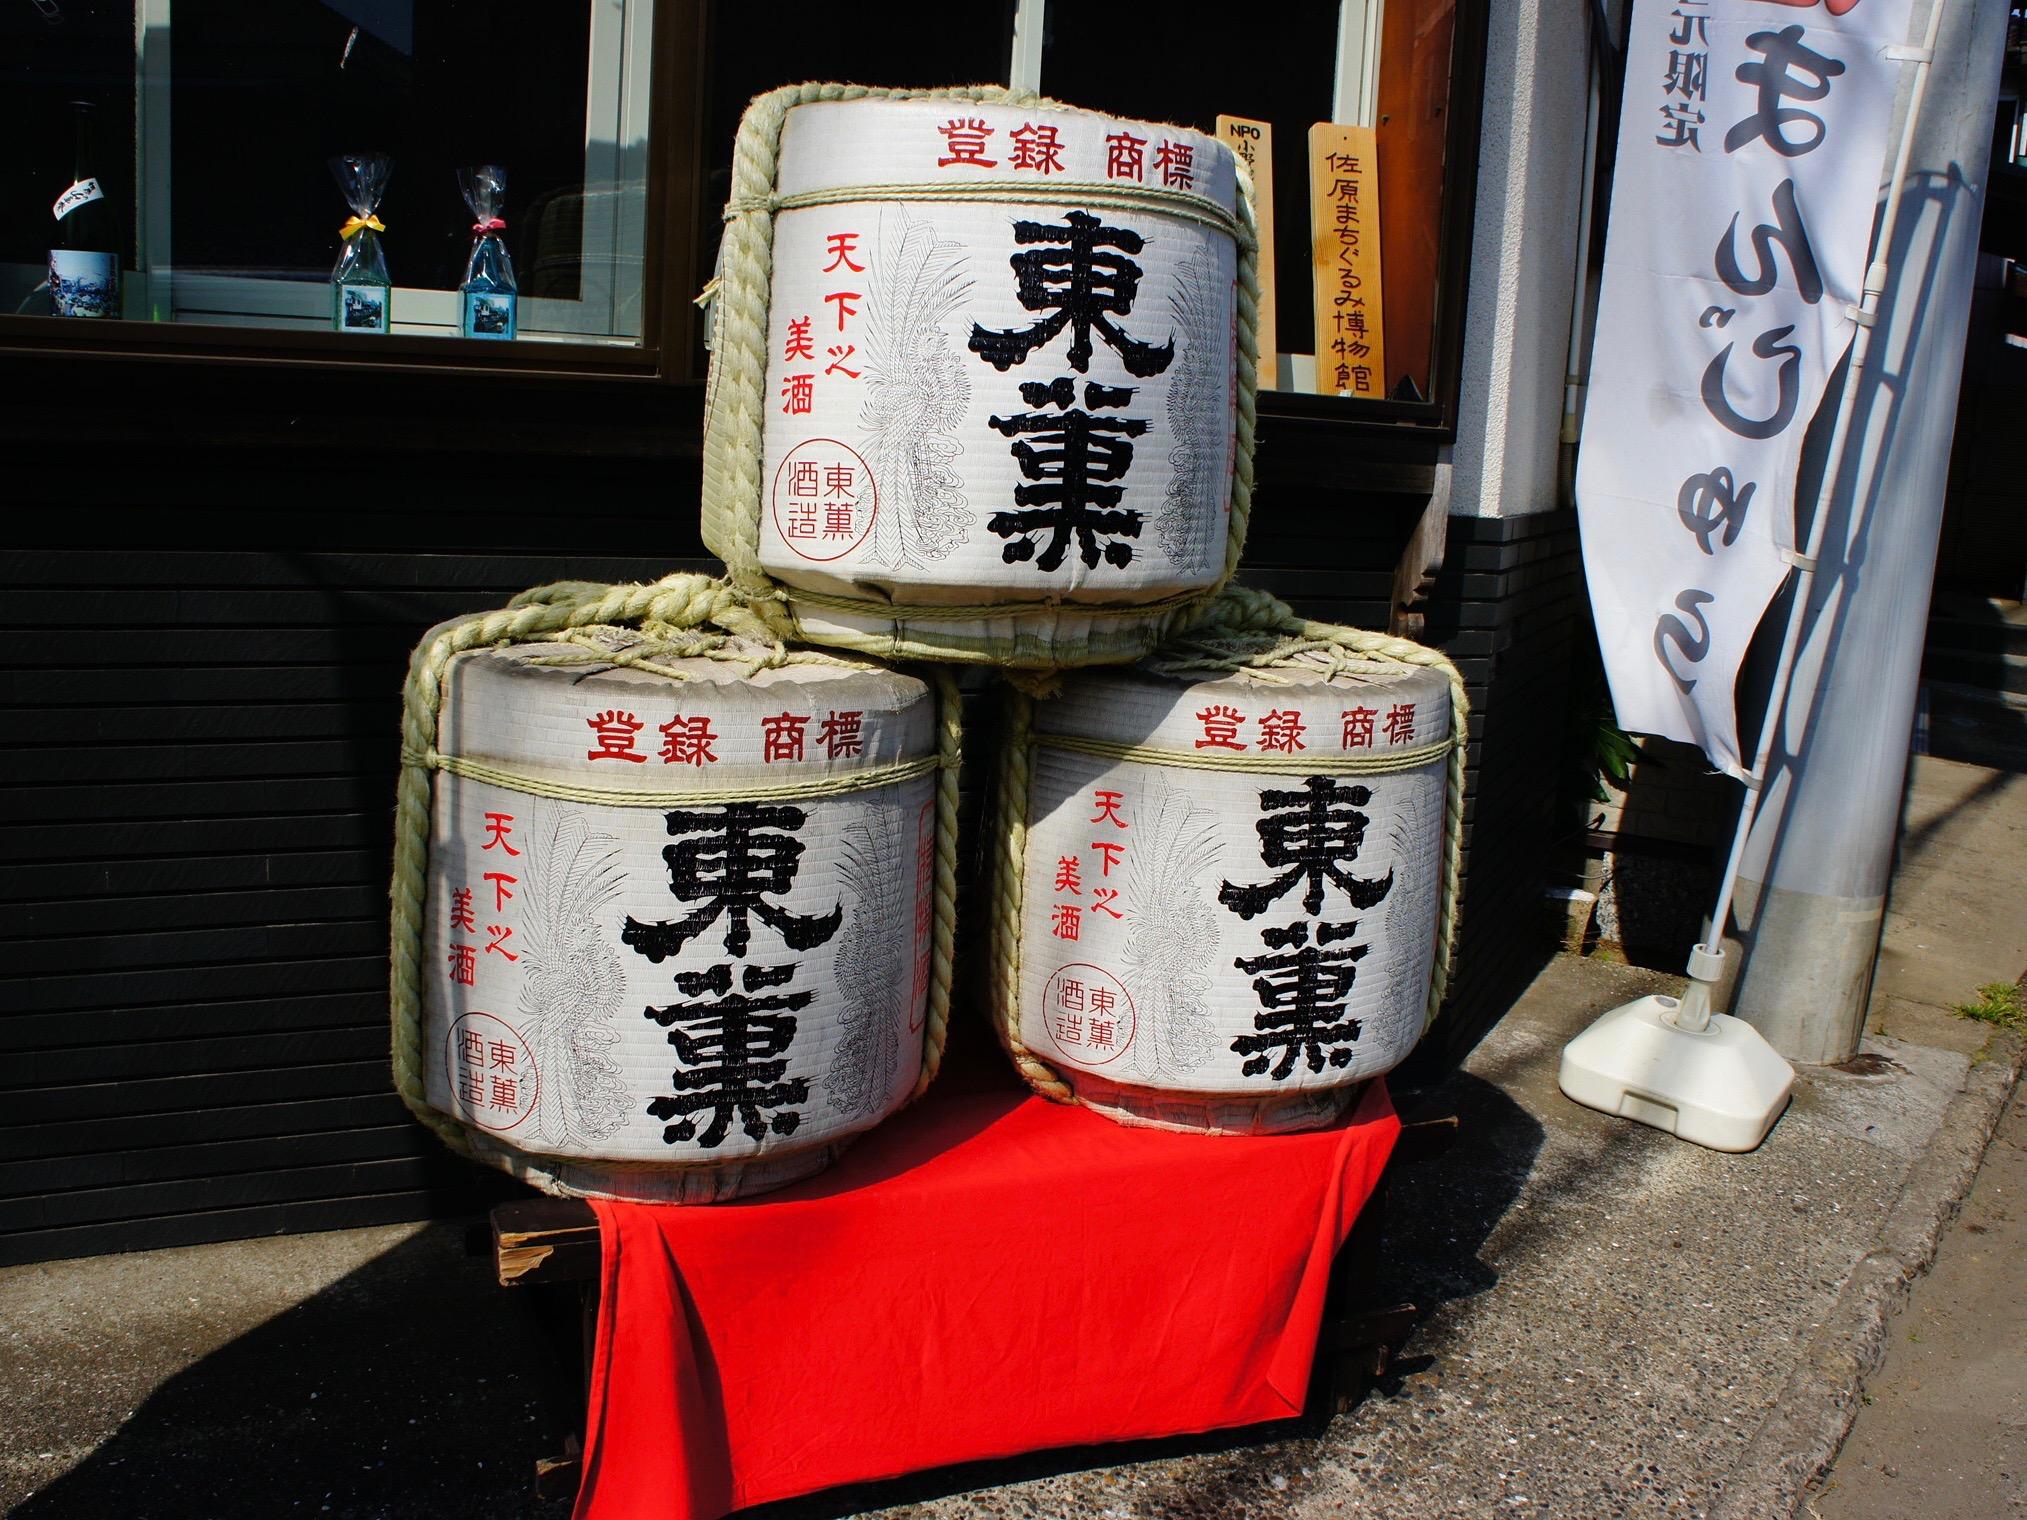 日本 千葉 觀光 景點 佐原 日本酒